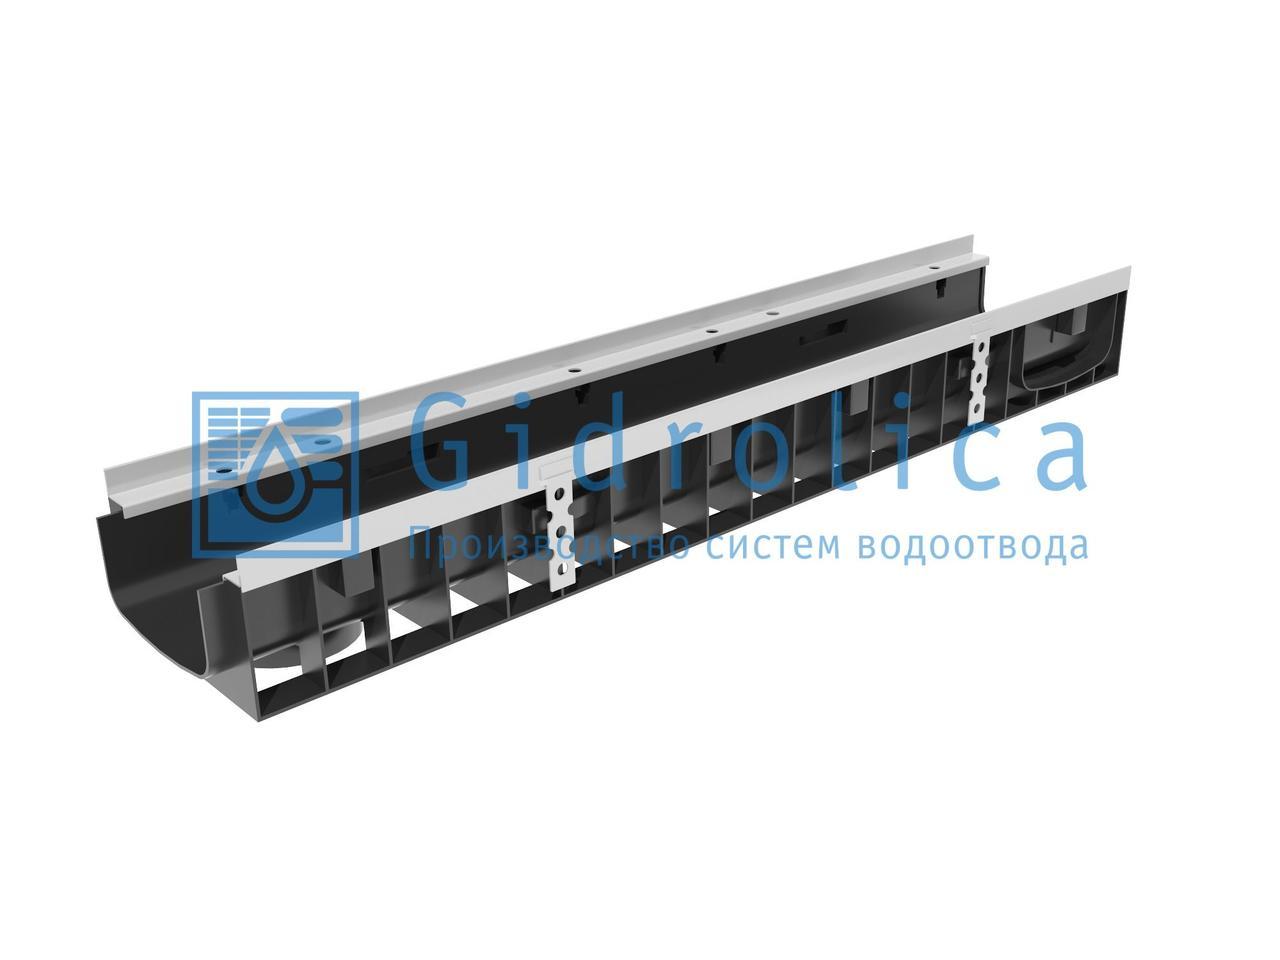 Пескоуловитель Gidrolica Super ПУ -10.16.44 пластиковый, кл. Е600